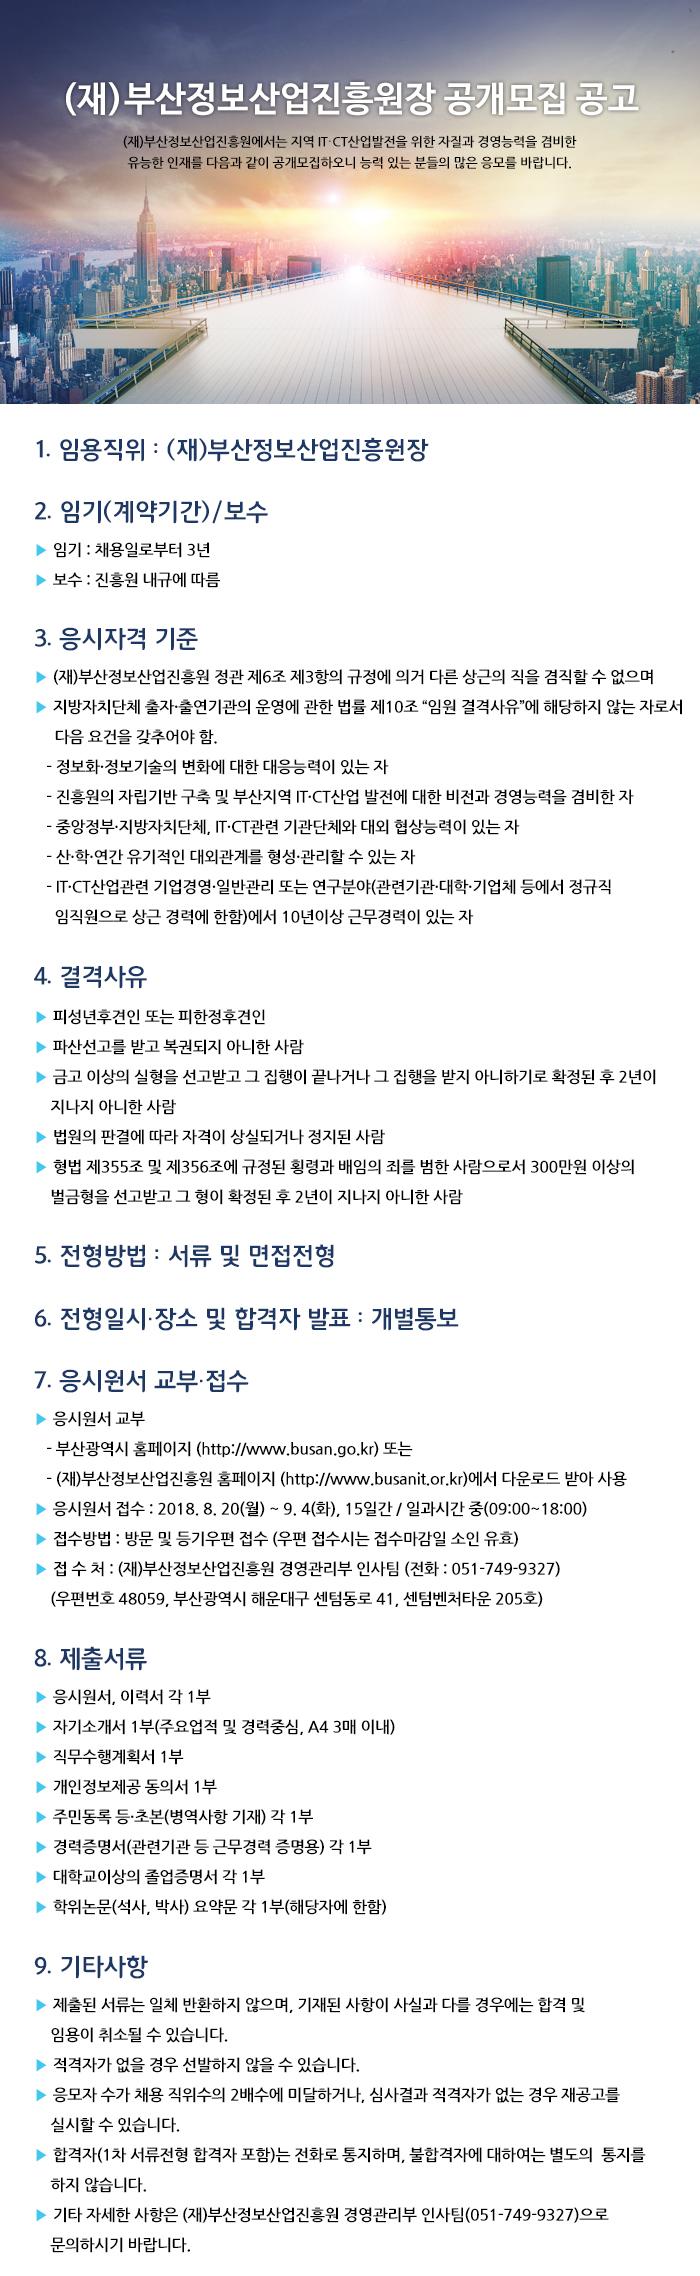 (재)부산정보산업진흥원장 공개모집 공고